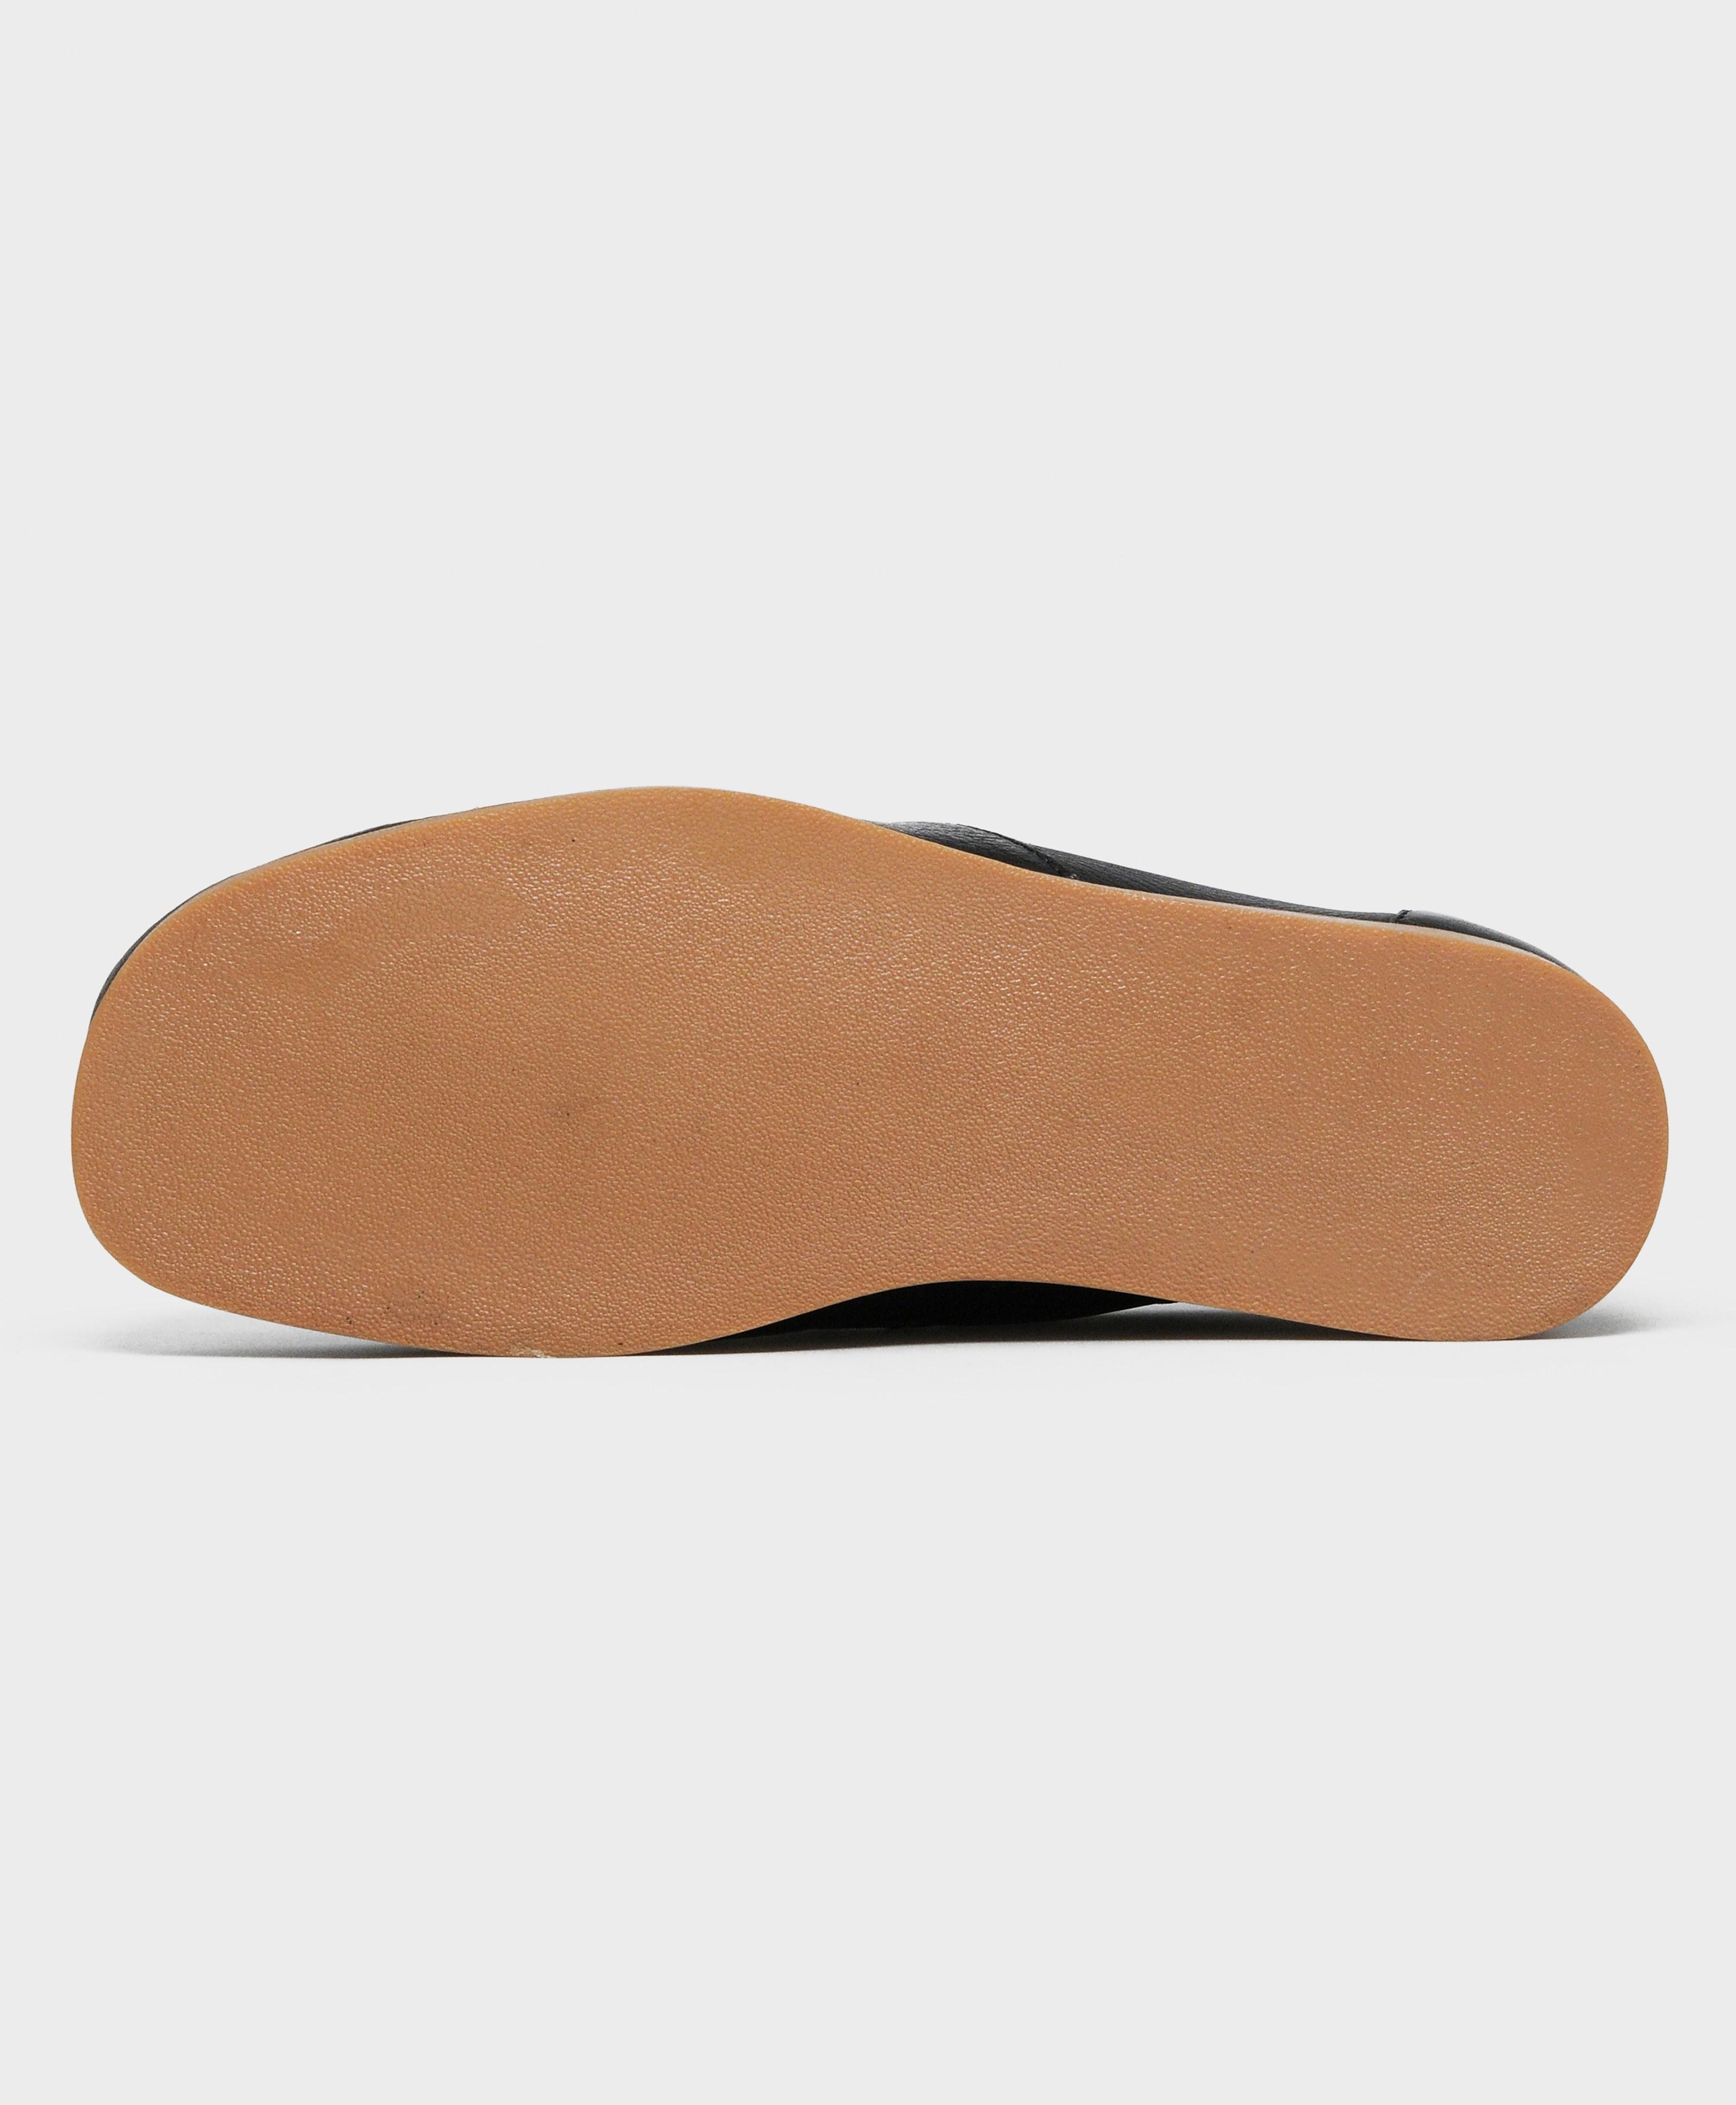 Lyle & Scott Nevis B Shoe